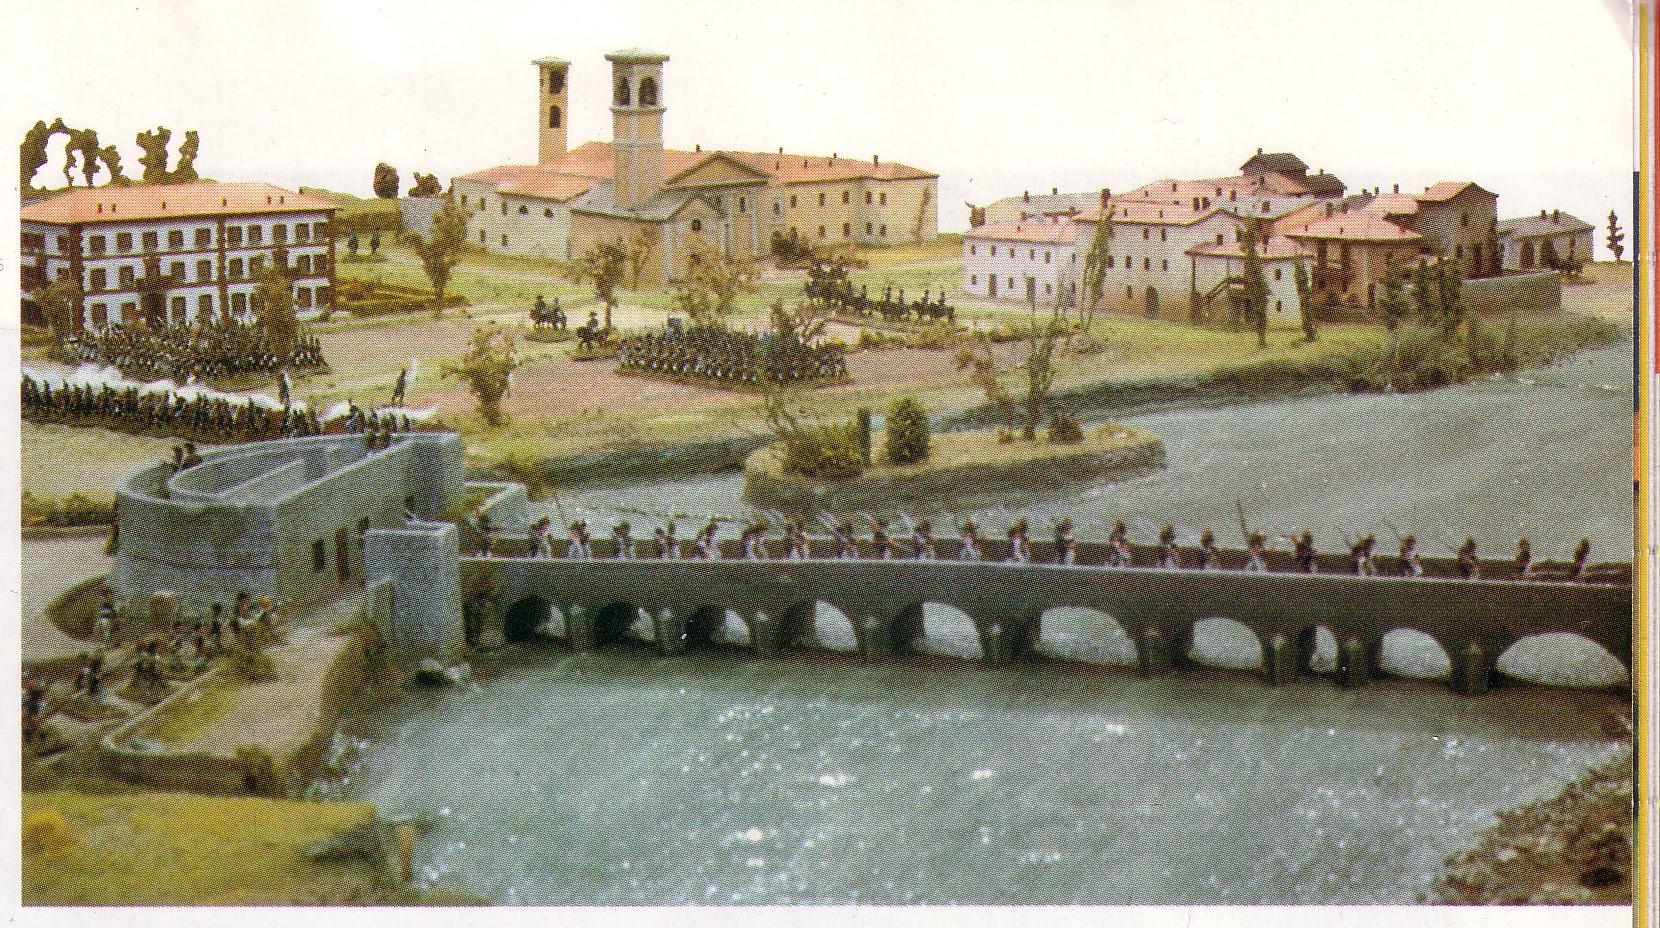 Plastico della battaglia di lecco 1799 presso il Museo Manzoniano di Lecco